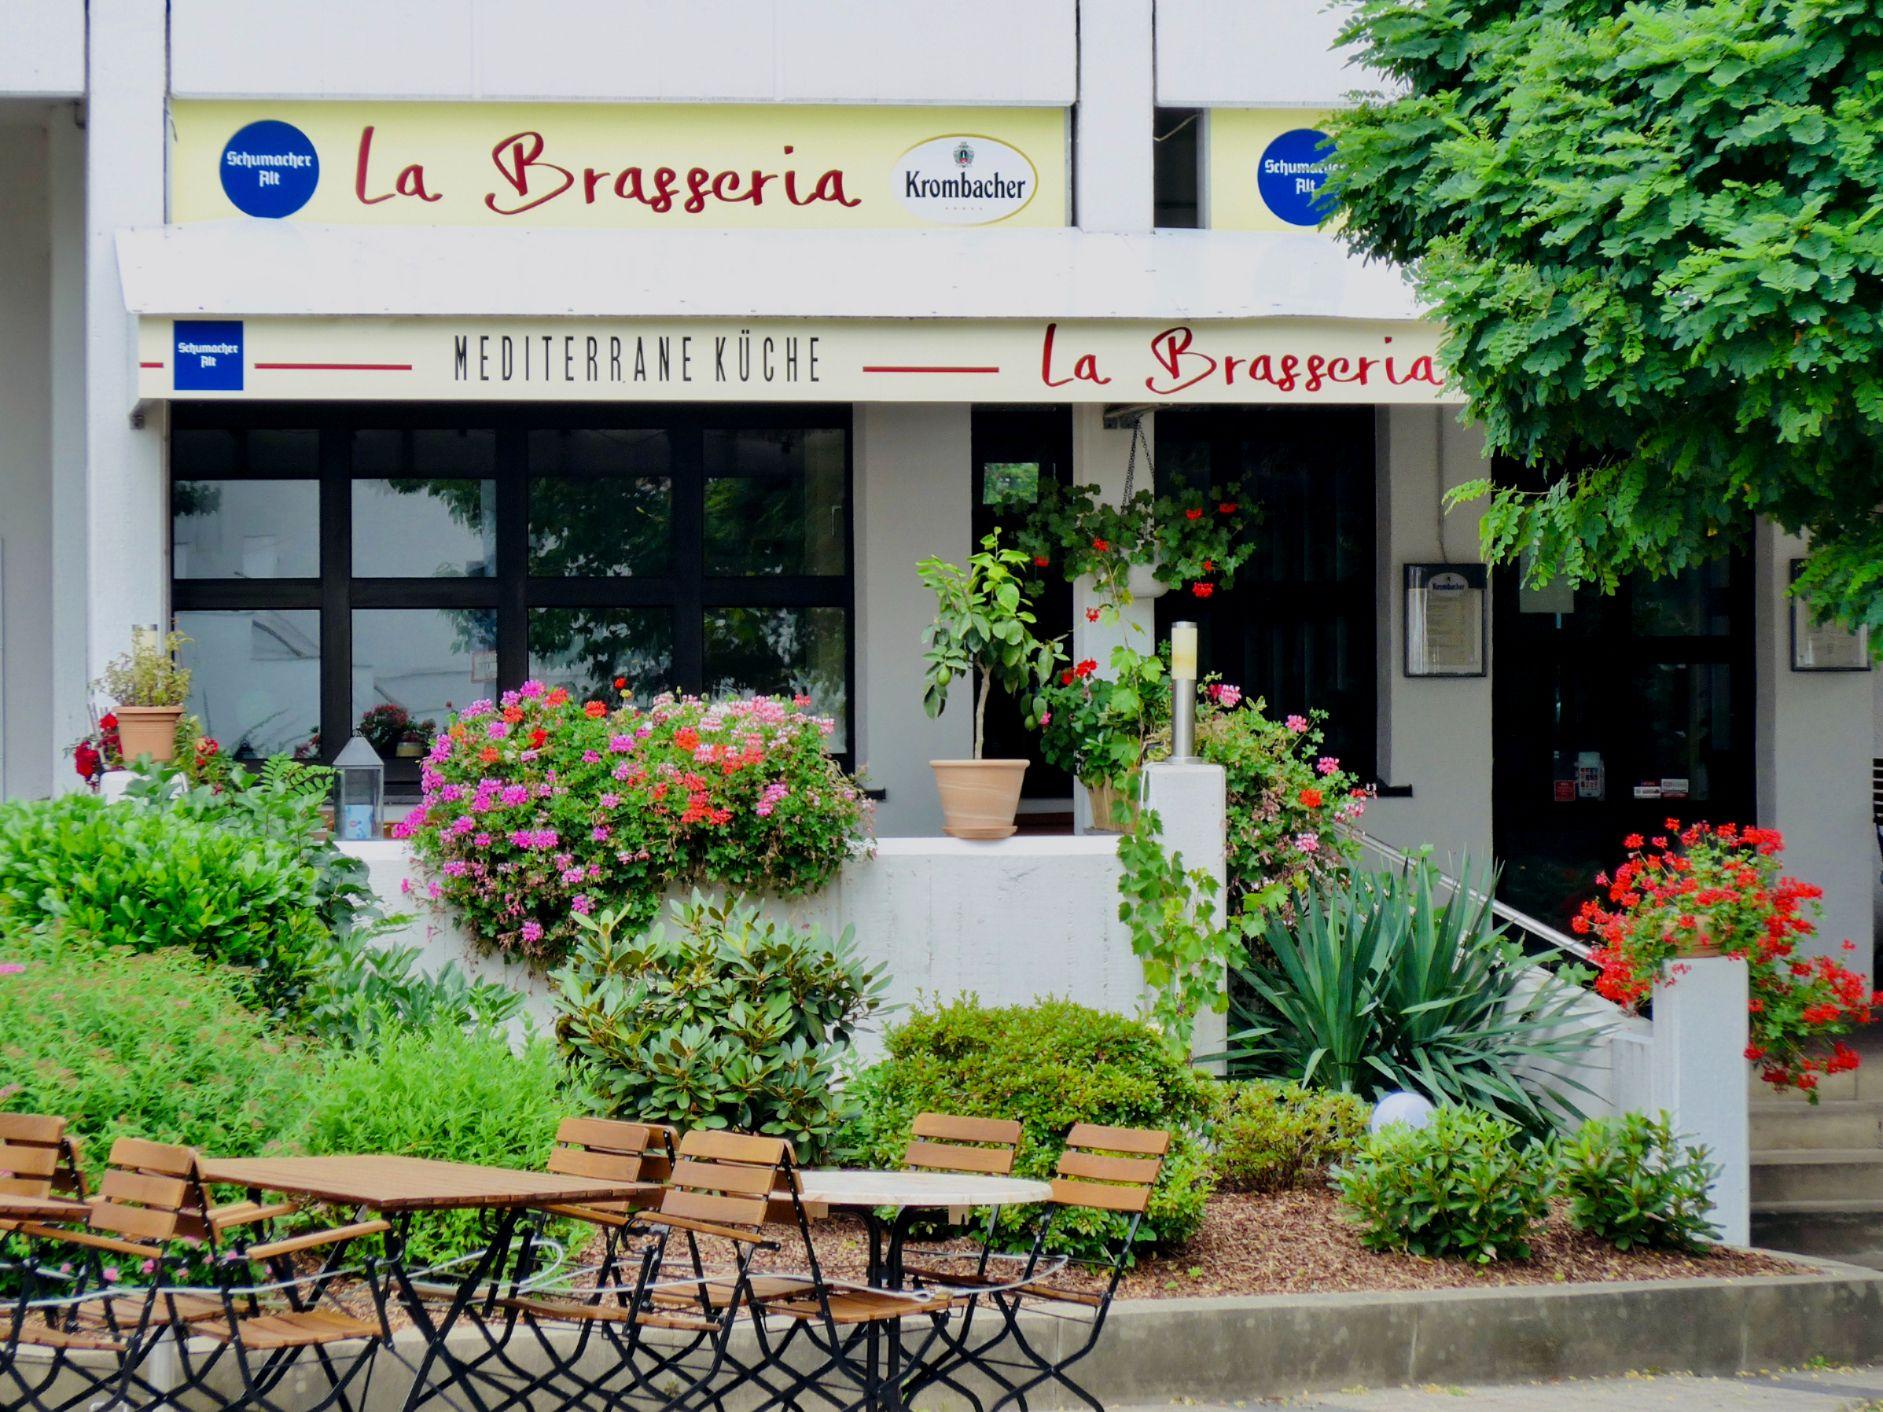 La Brasseria - Mediterrane Küche & Weinbar